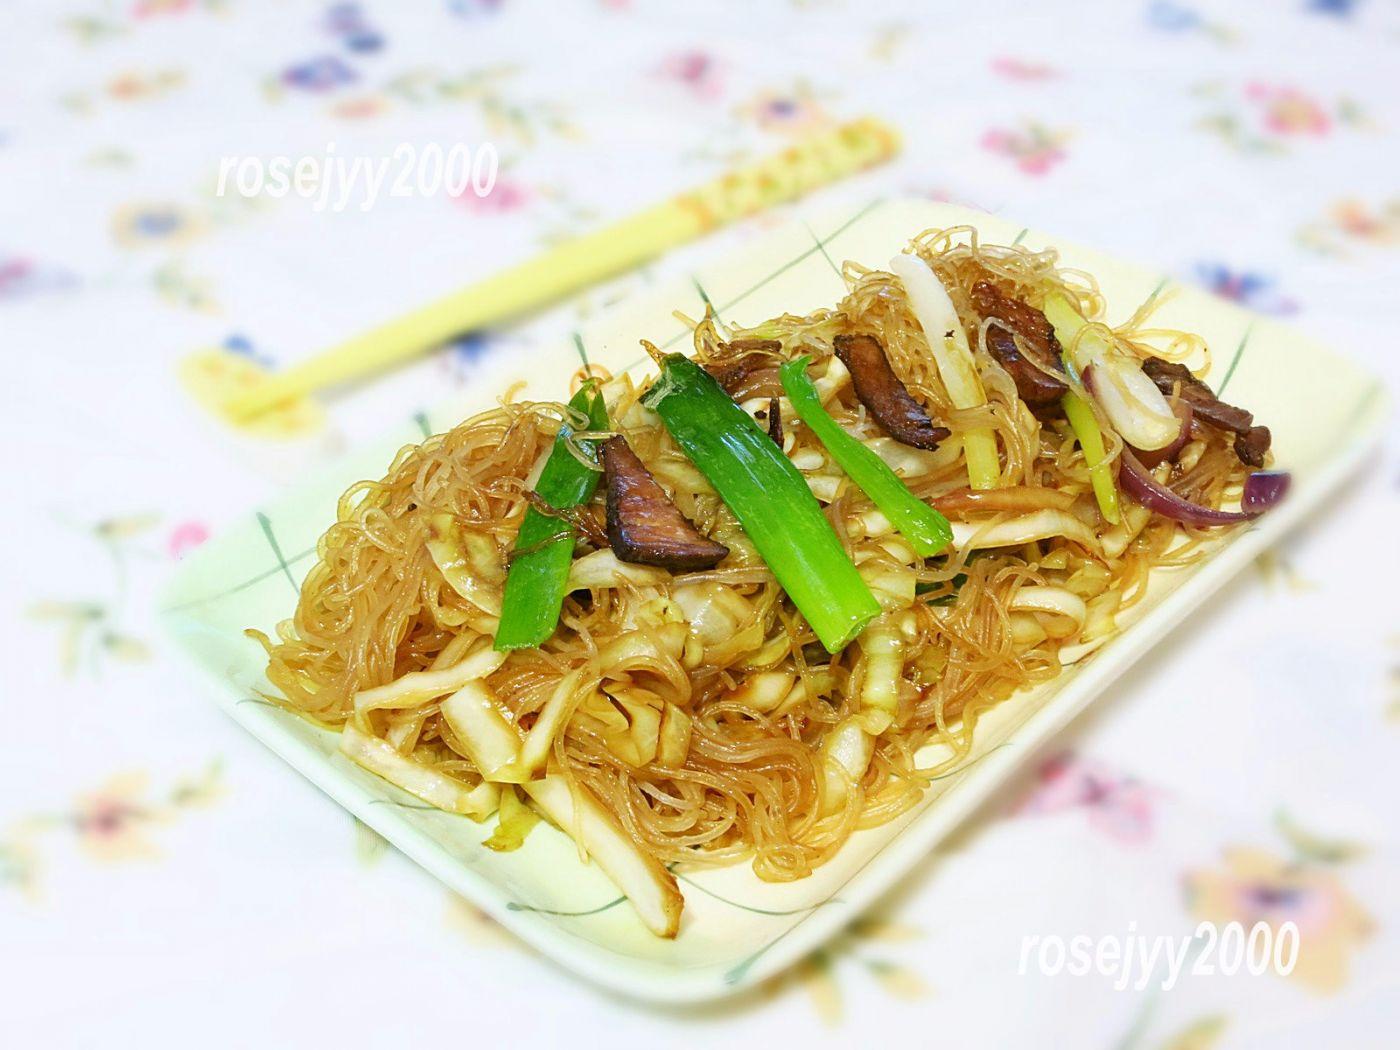 叉烧椰菜炒细粉_图1-1